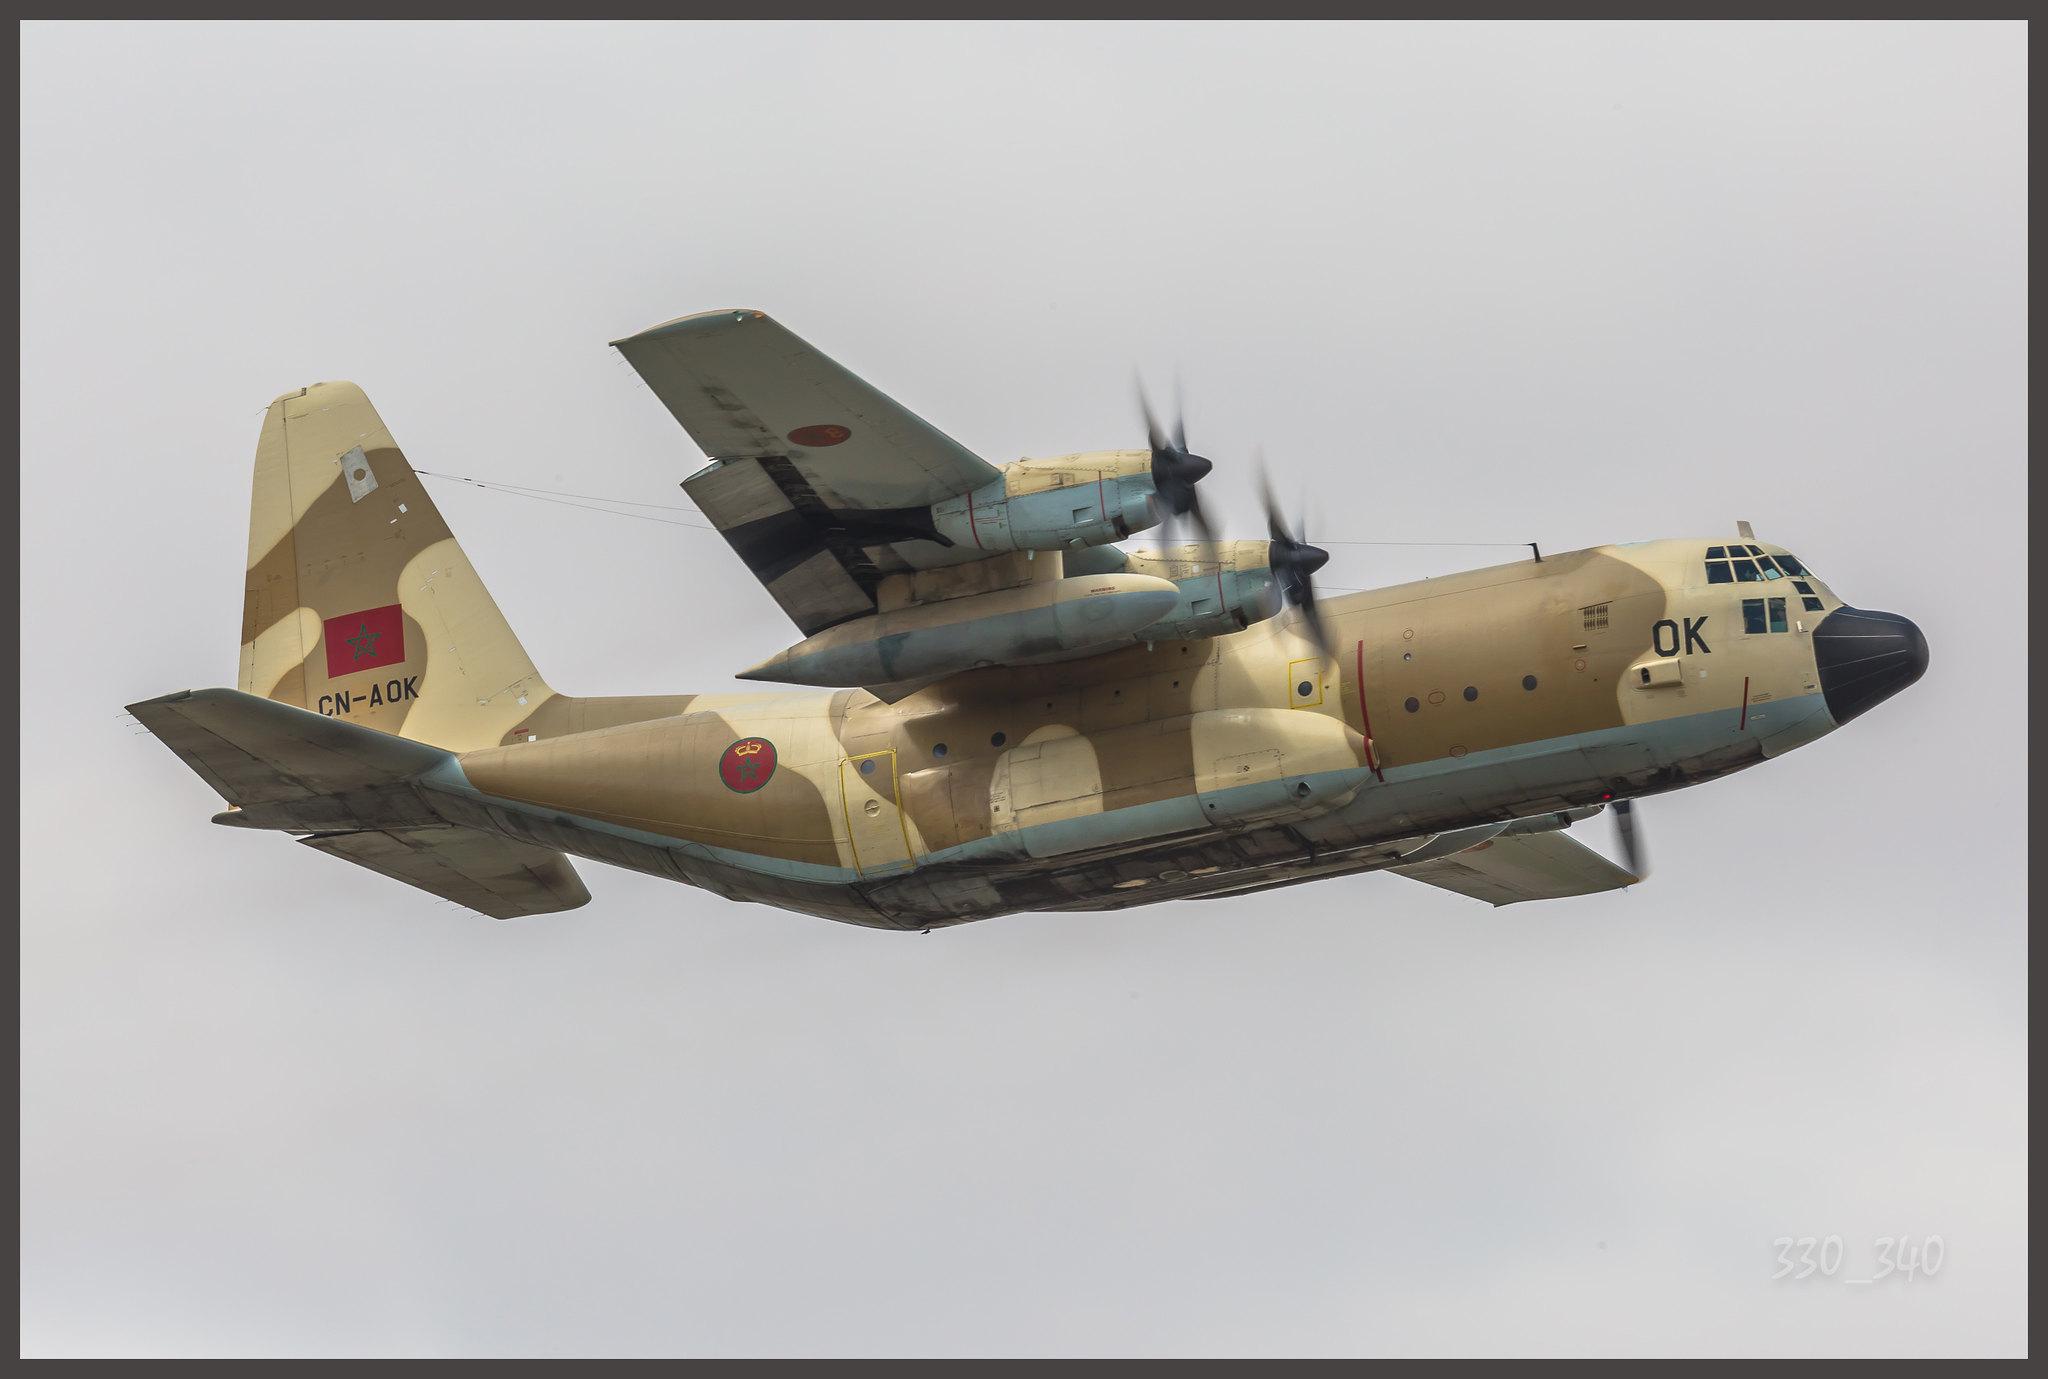 FRA: Photos d'avions de transport - Page 41 50293364308_6dc2b2d3e4_k